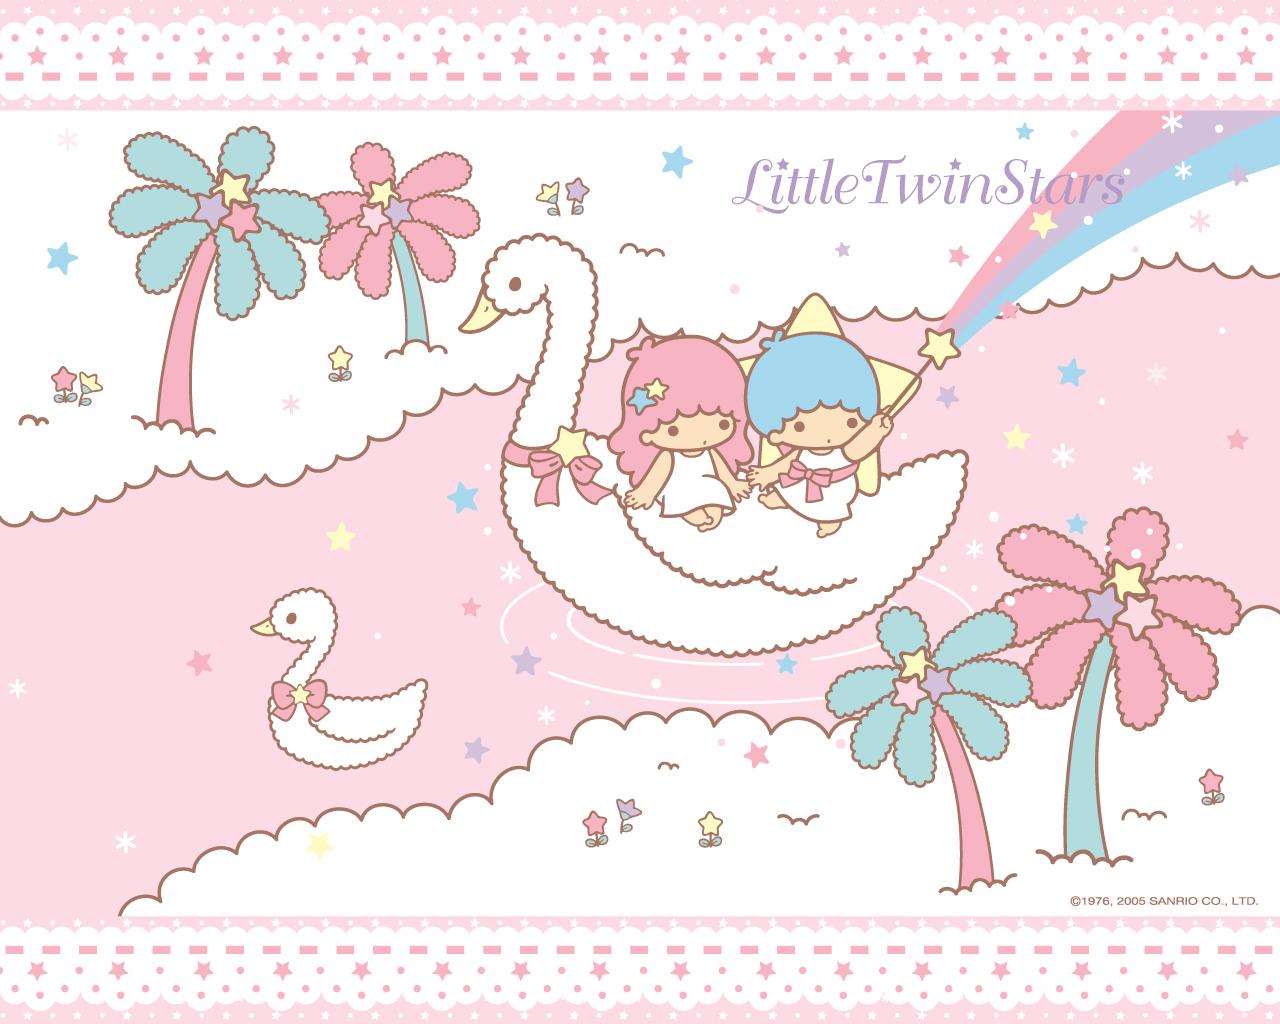 Little Twin Stars - Little Twin Star Hd - HD Wallpaper